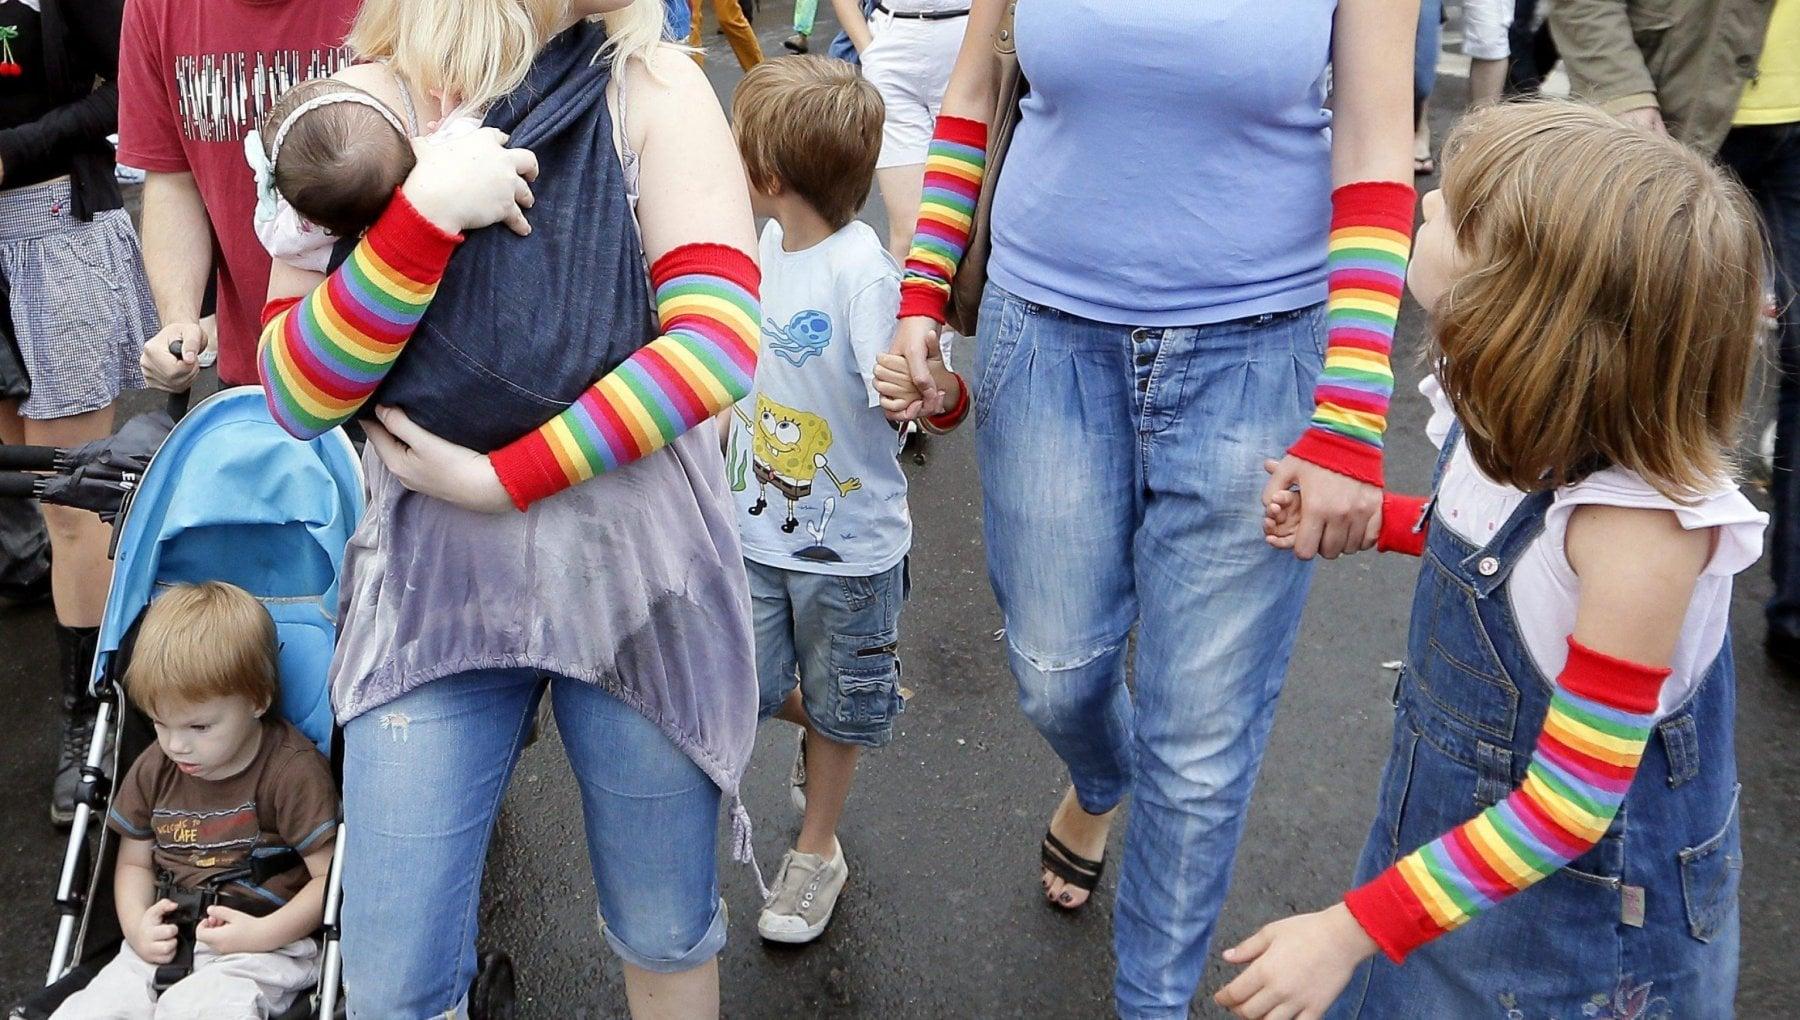 """210906079 222e82b0 218f 4650 9985 b84921de6521 - I diritti dei figli delle coppie gay. La Corte costituzionale: """"L'orientamento sessuale non incide sulla genitorialità"""""""